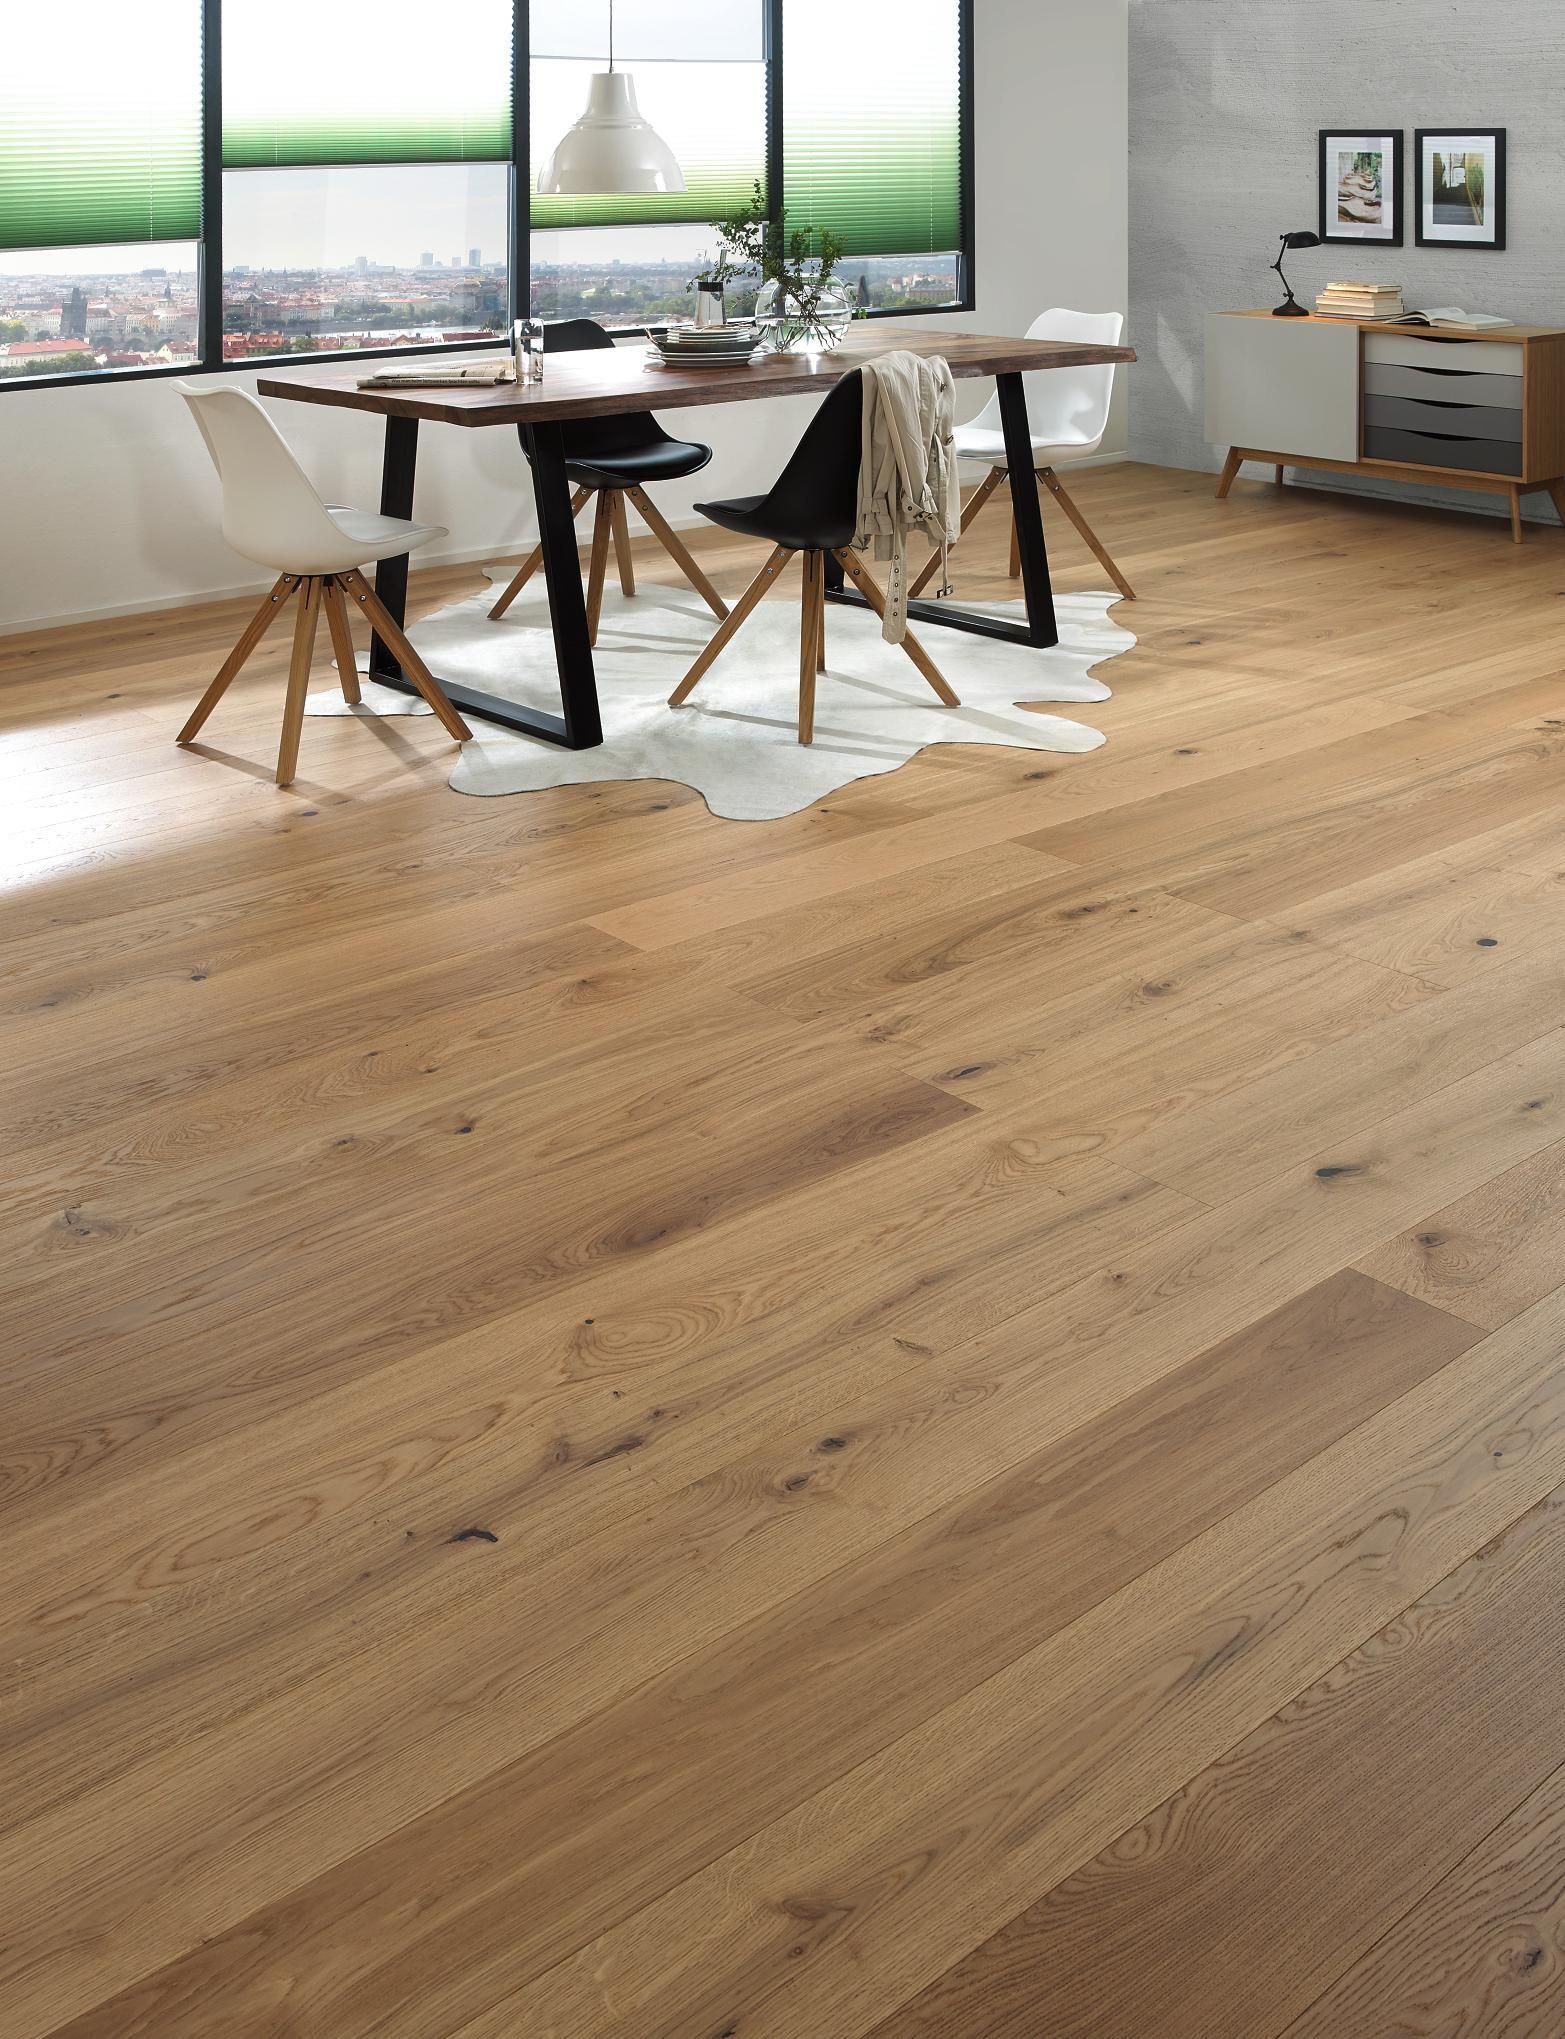 Parkettboden Von Ambiente Gekalktes Eichenholz Fur Ihr Zuhause Wandpaneele Holz Parkettboden Haus Deko